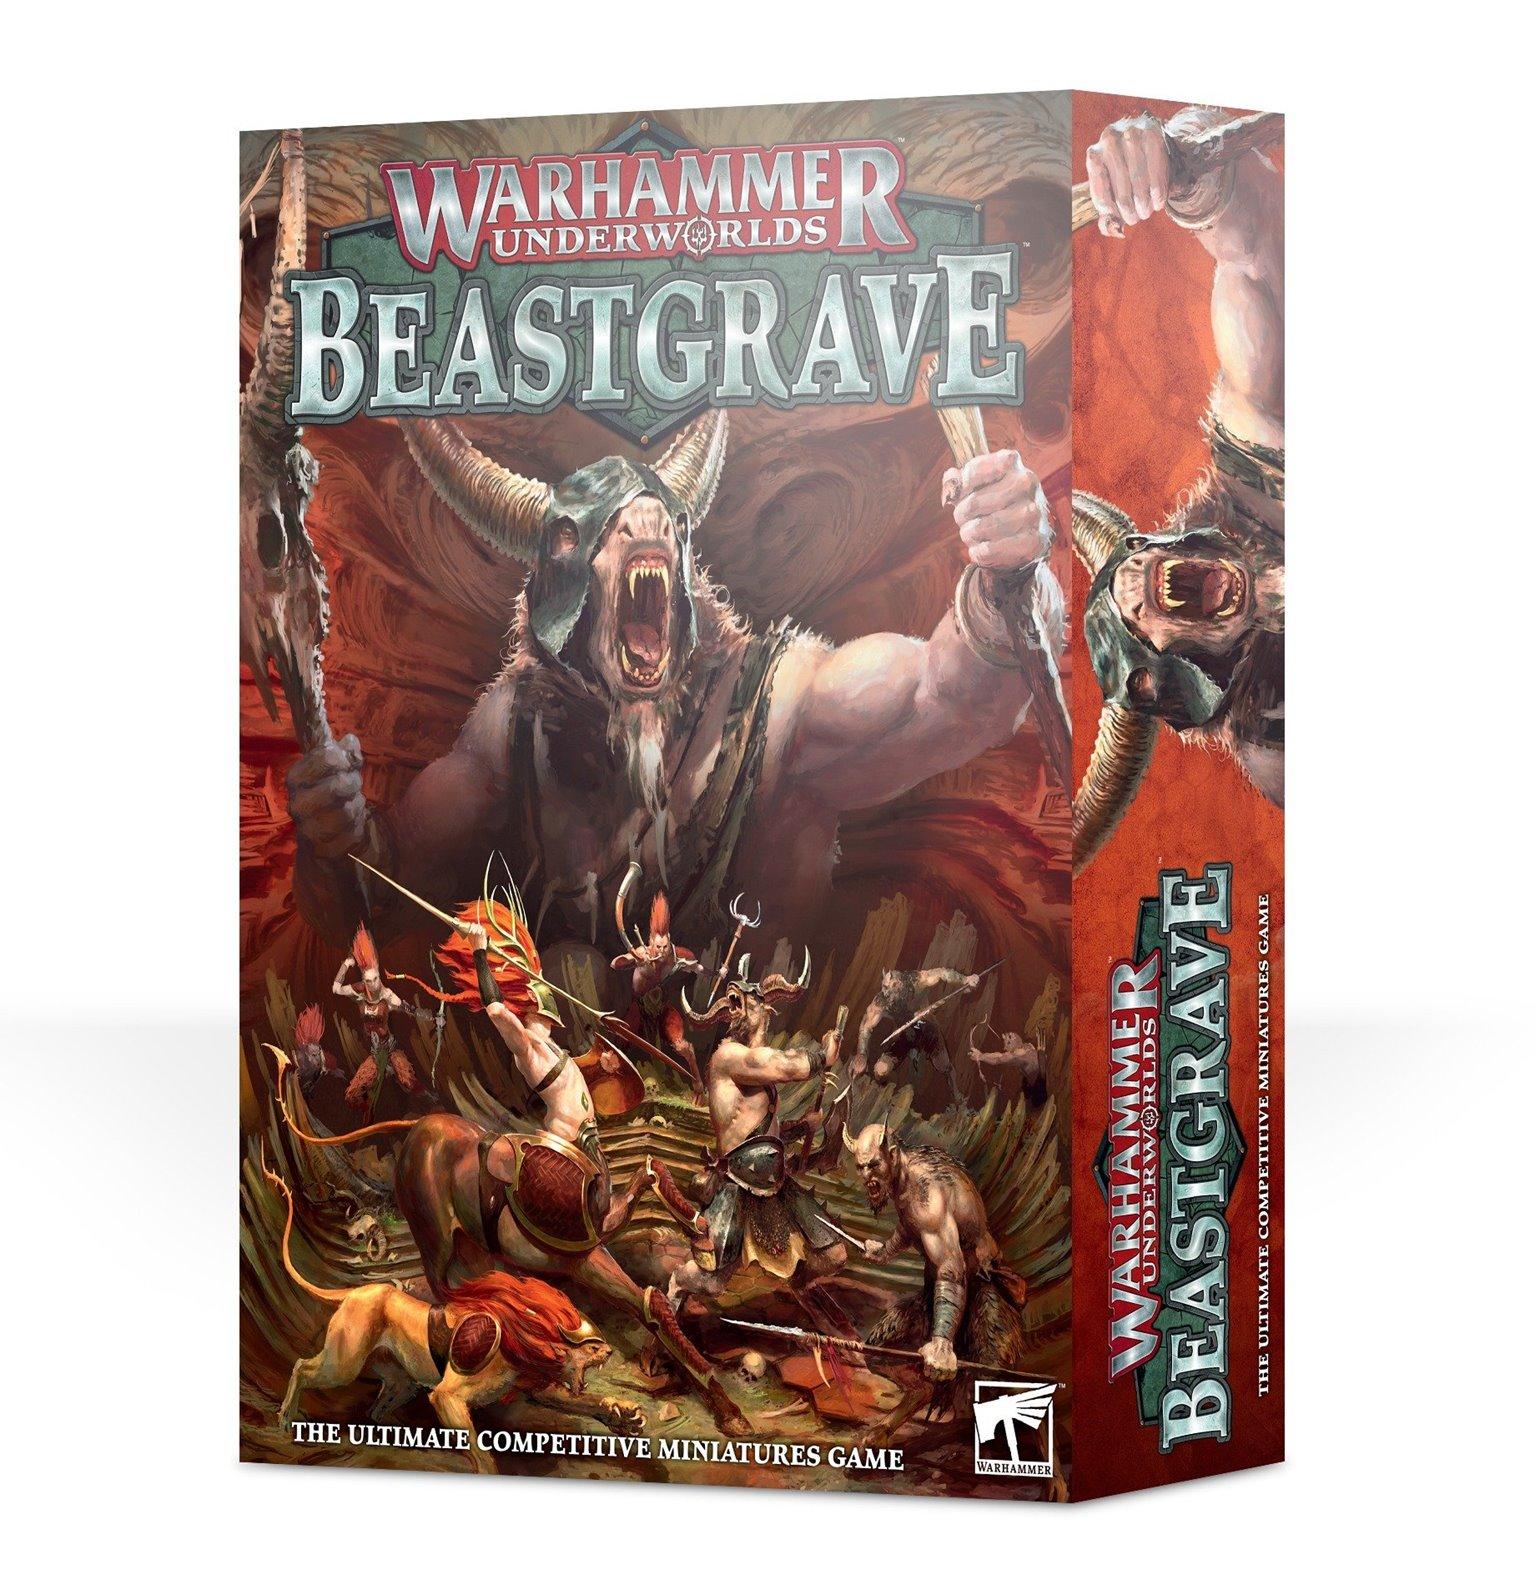 Warhammer Underworlds Beastgrave